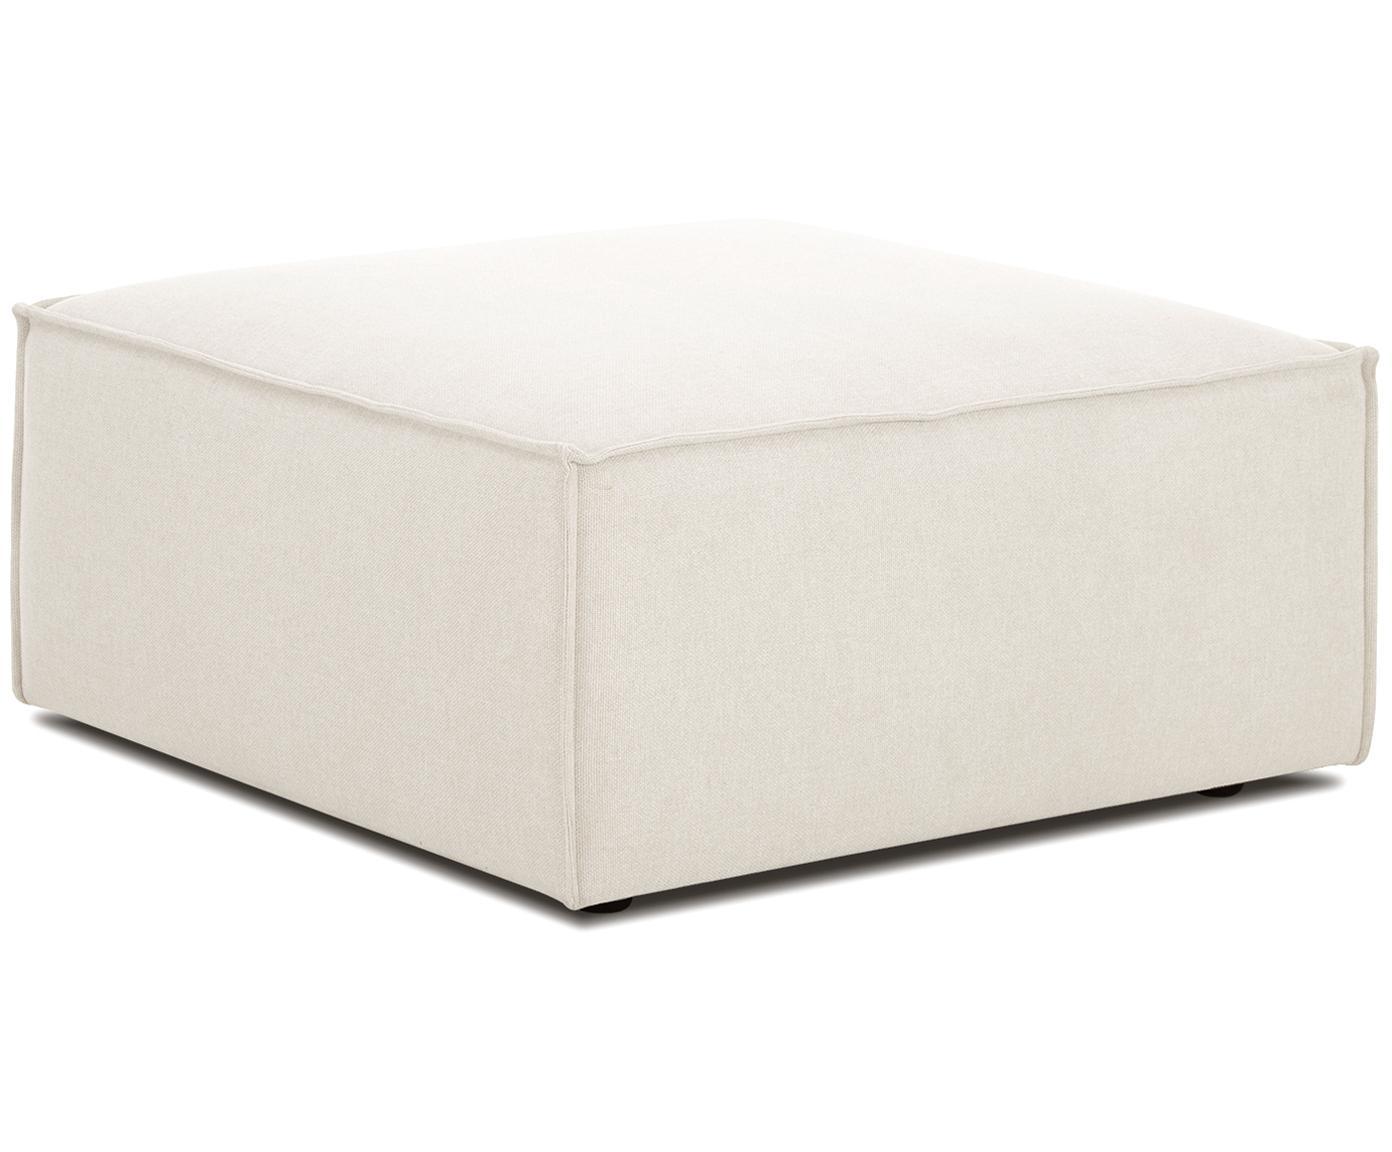 Poggiapiedi da divano Lennon, Rivestimento: poliestere 35.000 cicli d, Struttura: legno di pino massiccio, , Piedini: materiale sintetico, Tessuto beige, Larg. 88 x Alt. 43 cm